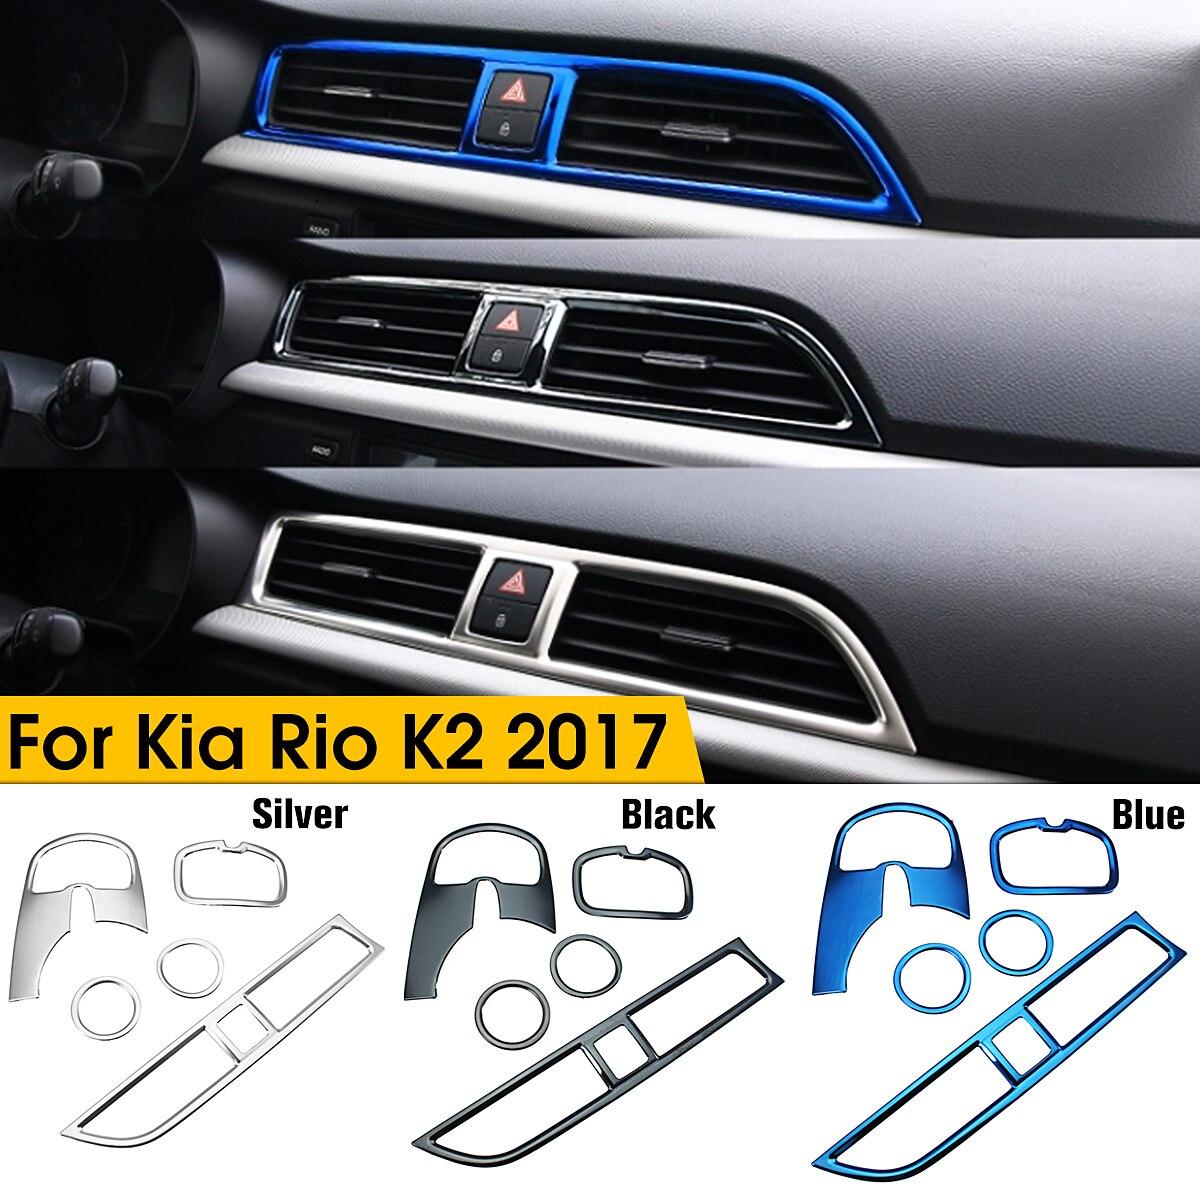 5 unids/set coche Stying cromo de salida de aire círculo cubierta Interior molduras decoración marco para Kia Rio 4 K2 2017, 2018